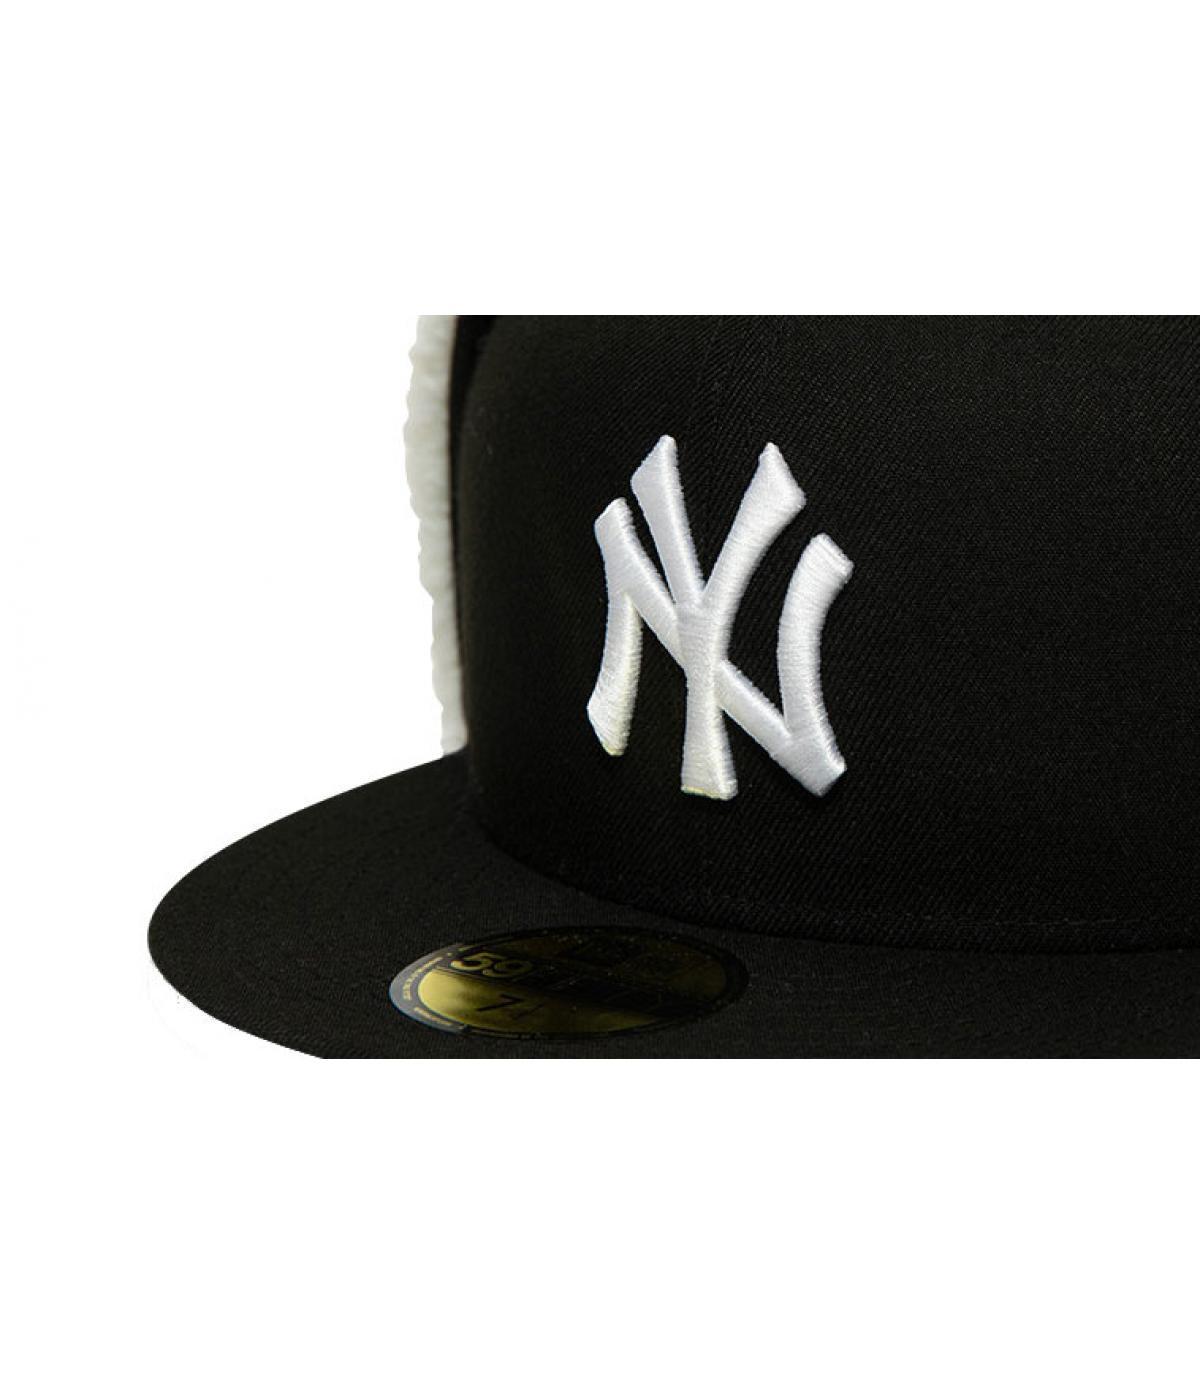 Détails Casquette League Ess Dogear NY 5950 black white - image 3